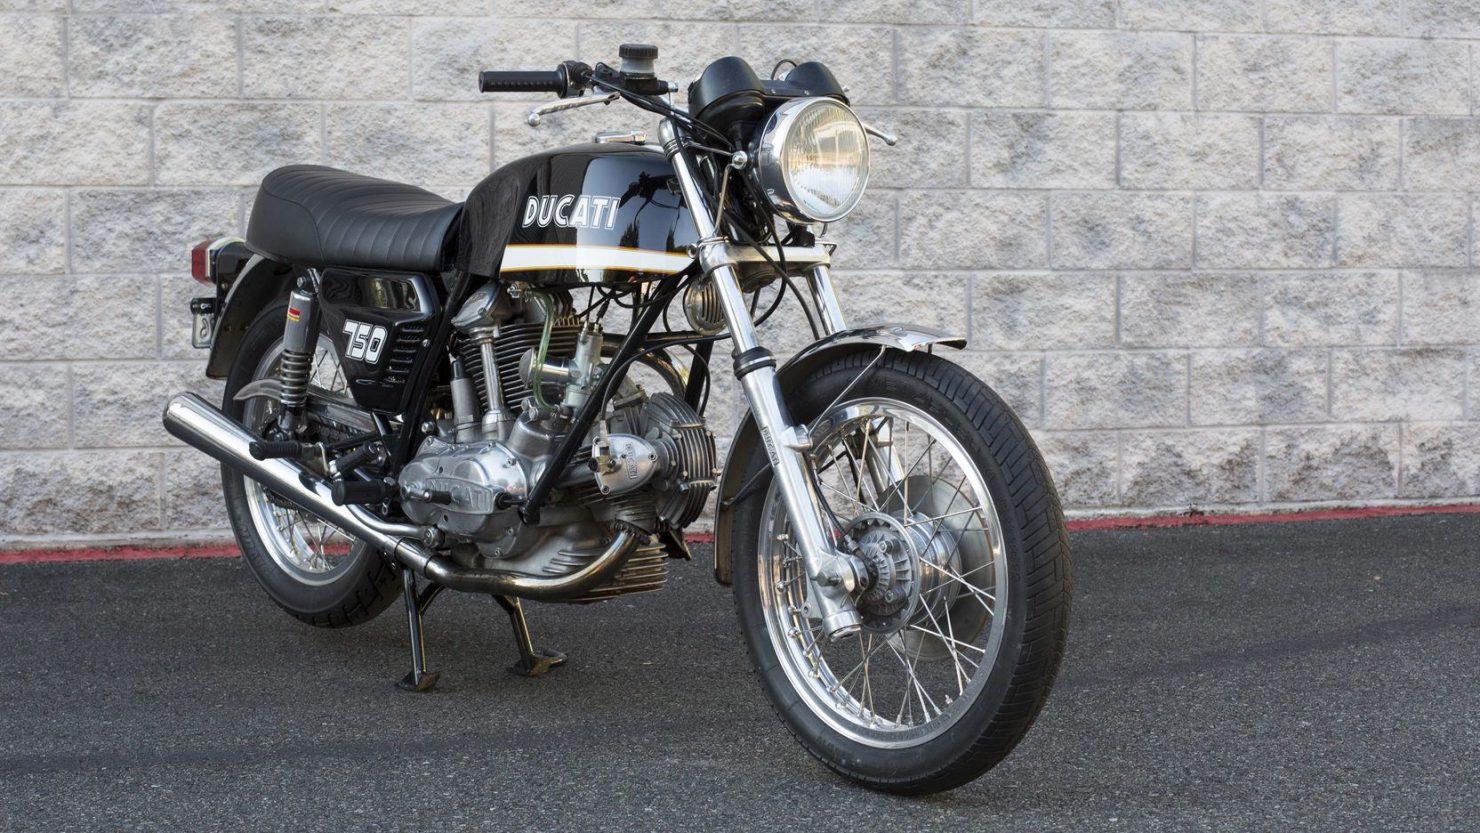 ducati 750gt 3 1480x833 - Original Sandcast 1971 Ducati 750 GT